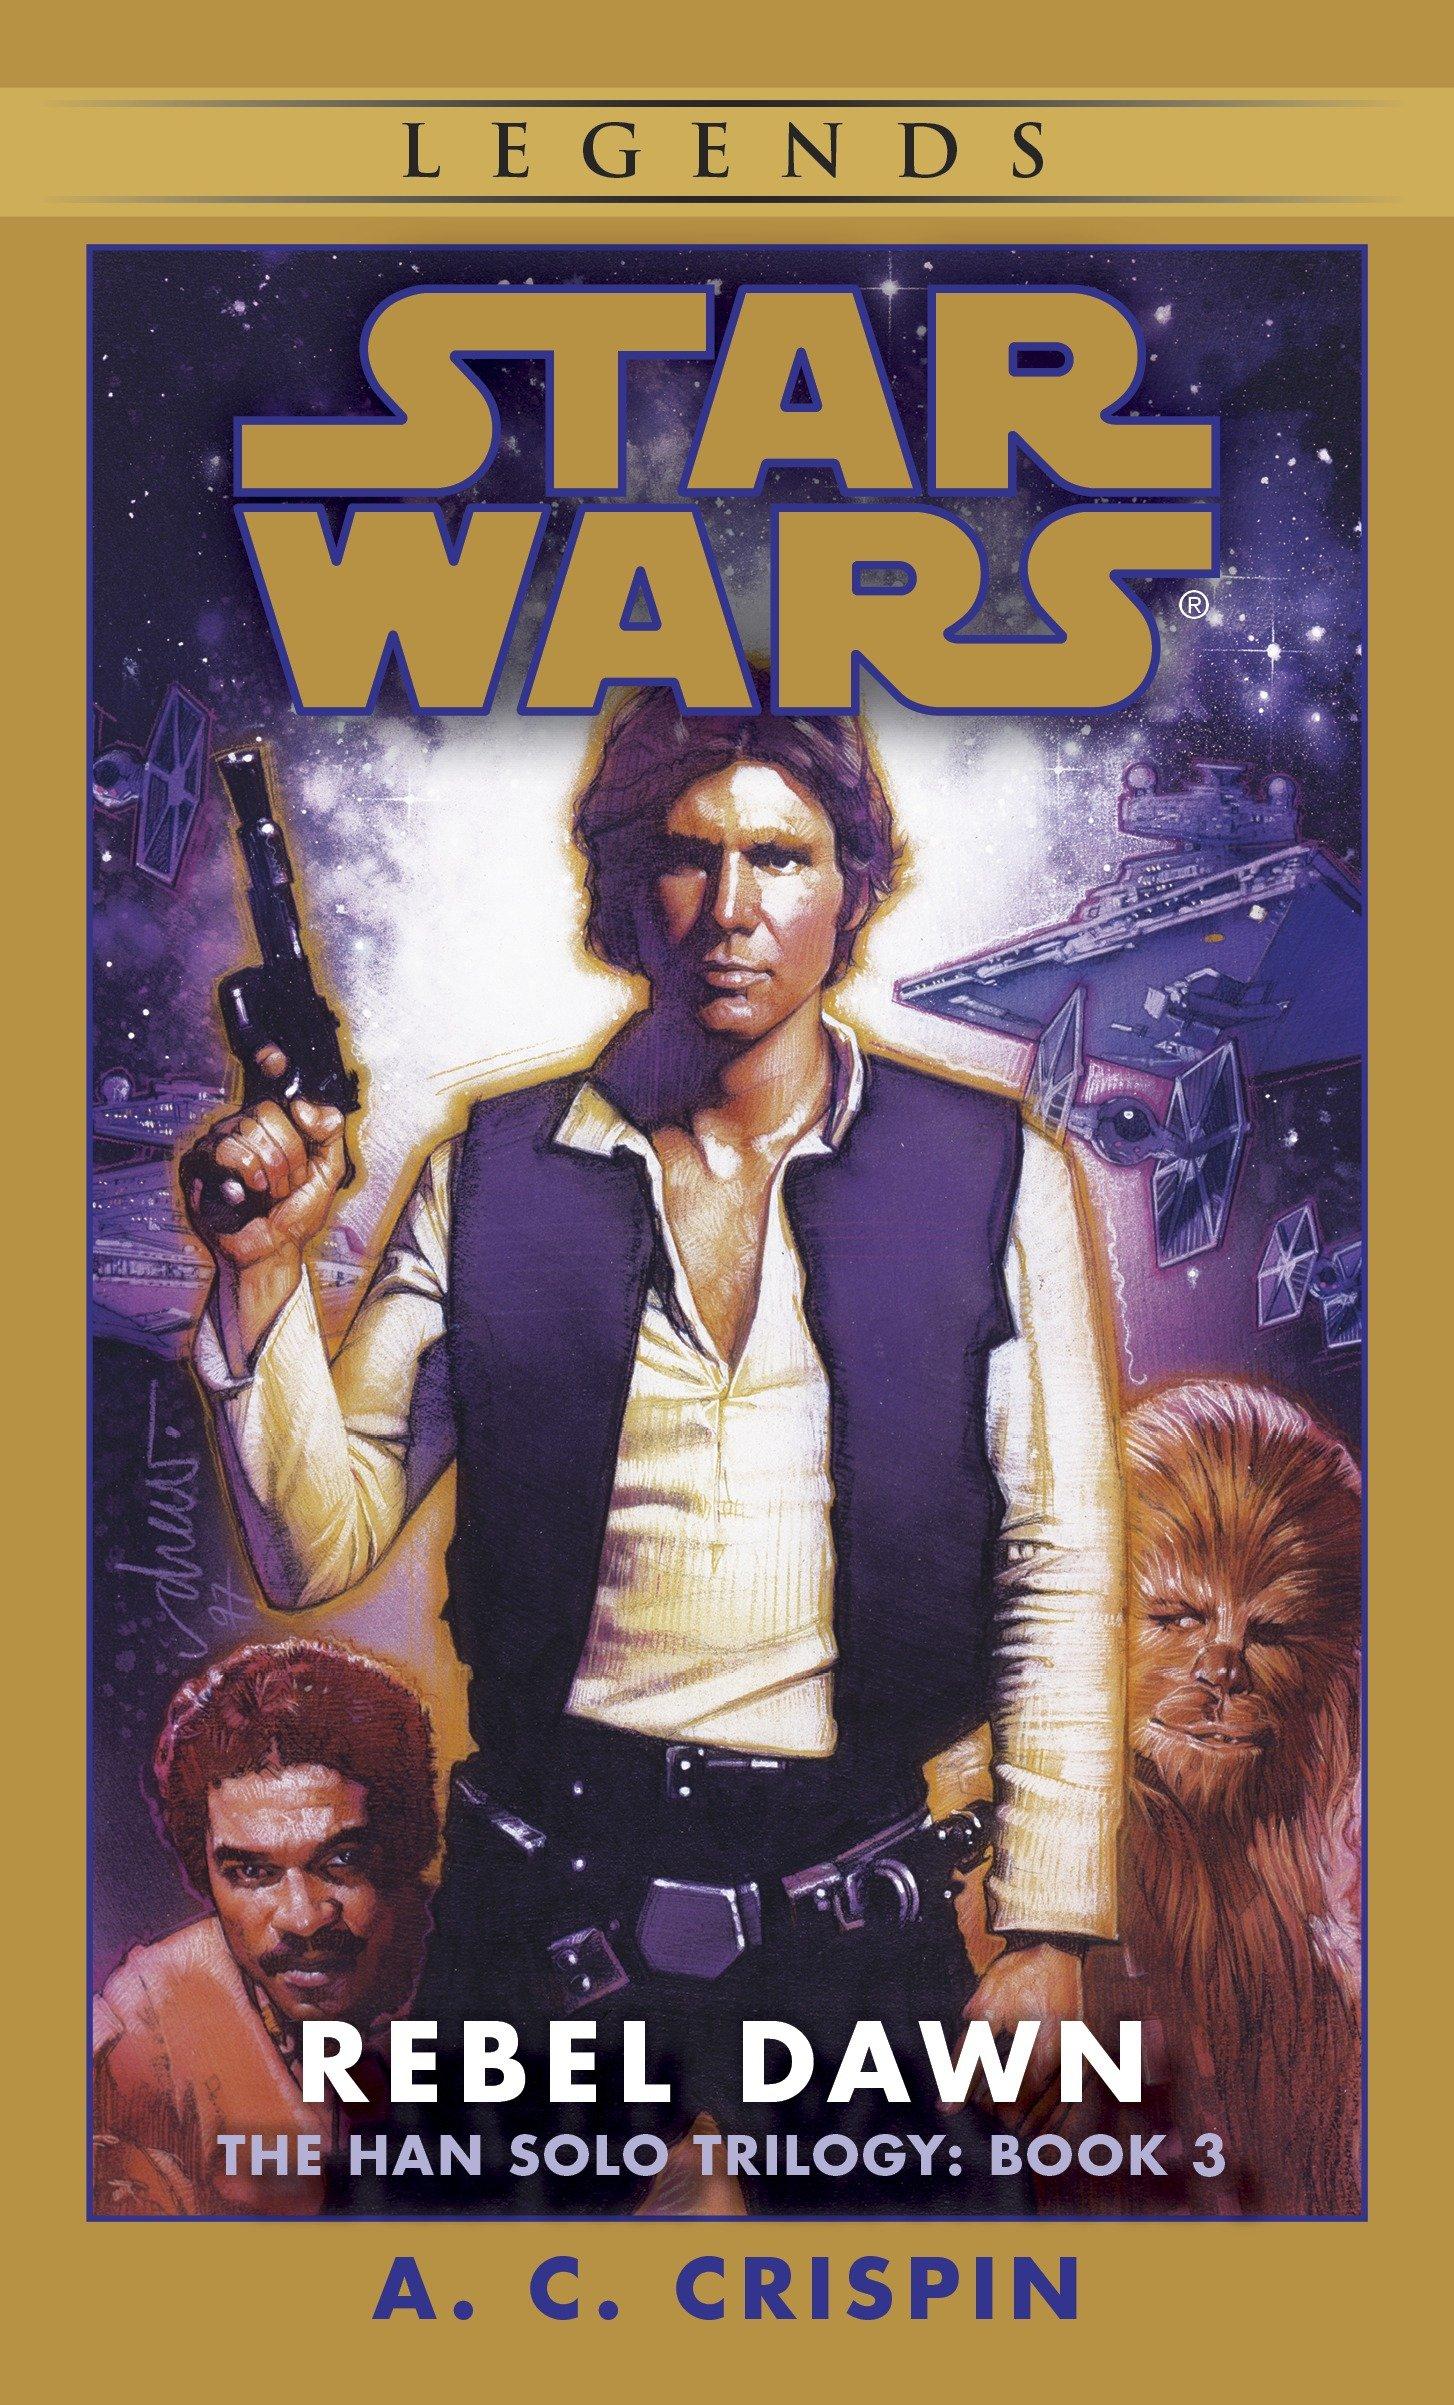 Rebel dawn cover image